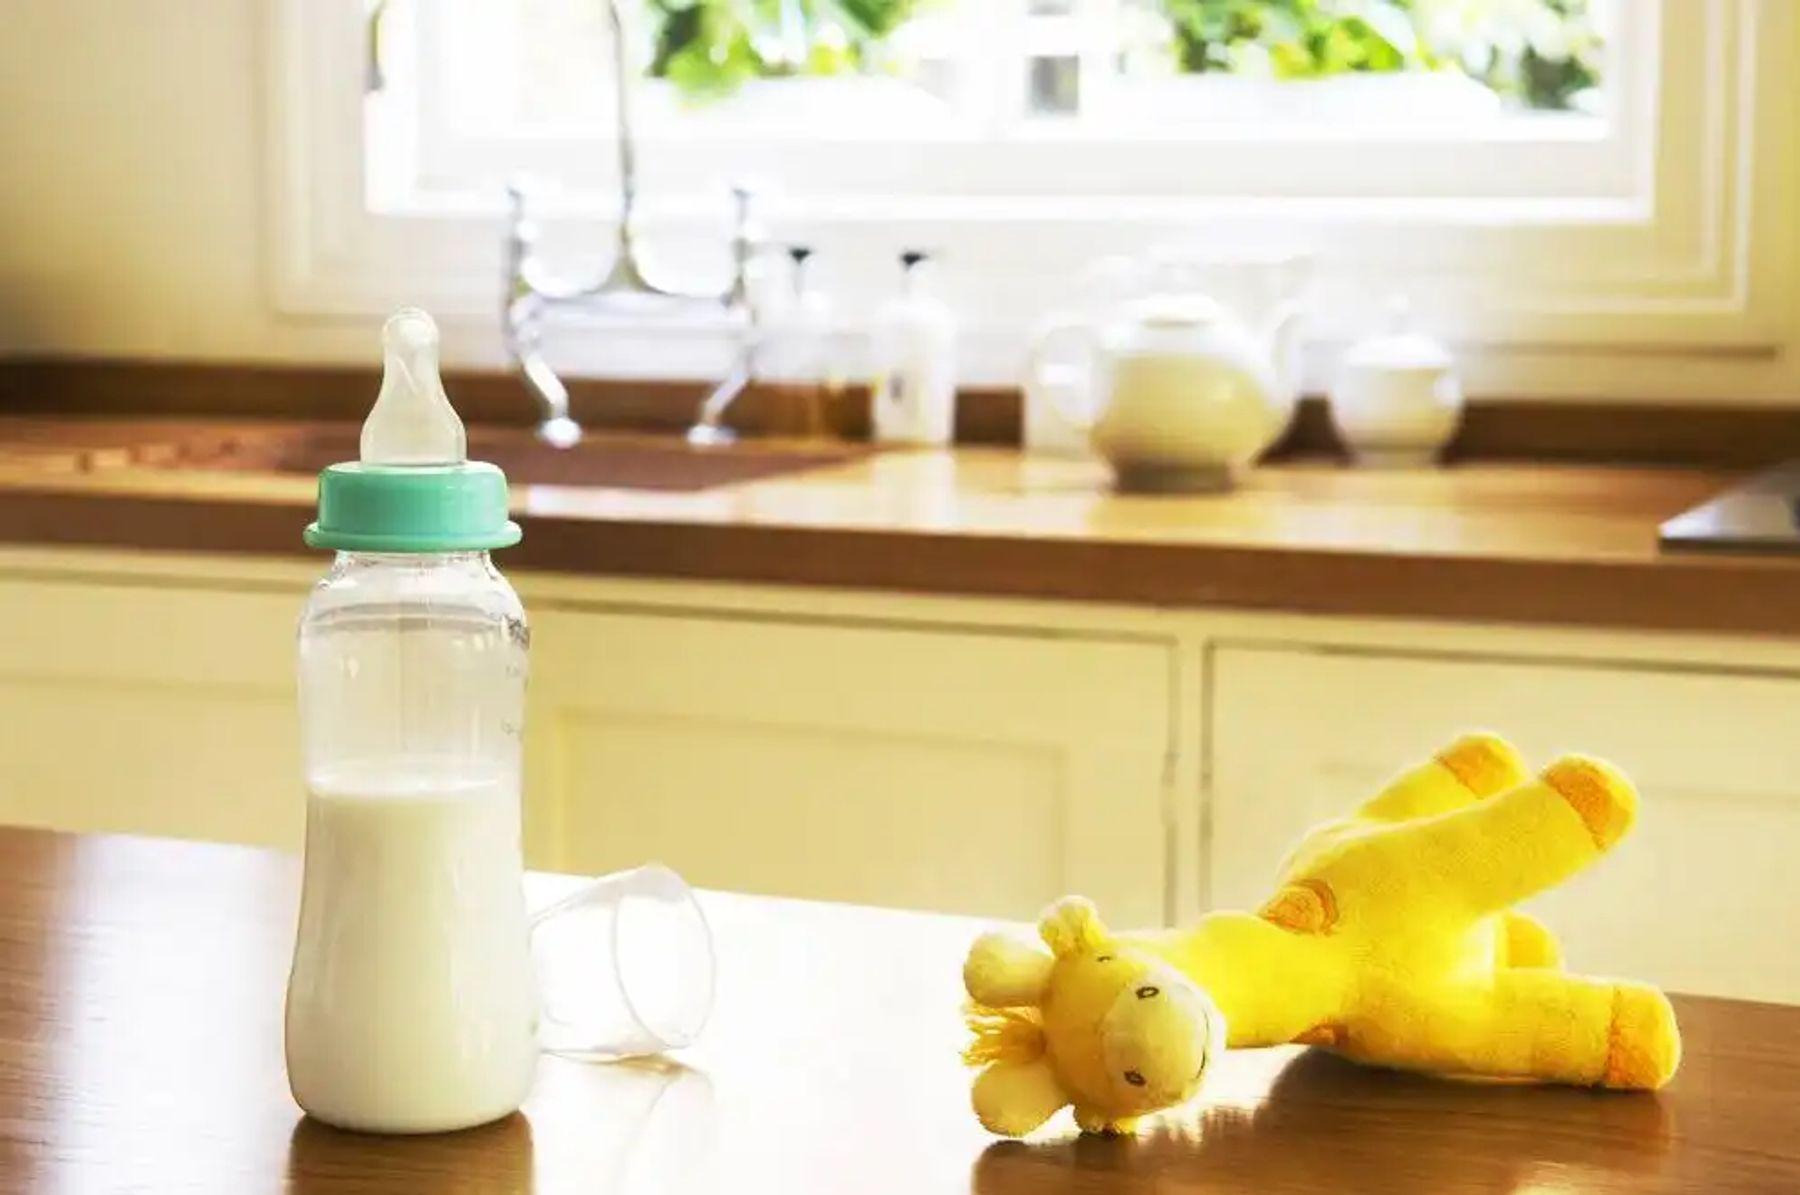 bình sữa an toàn cho bé